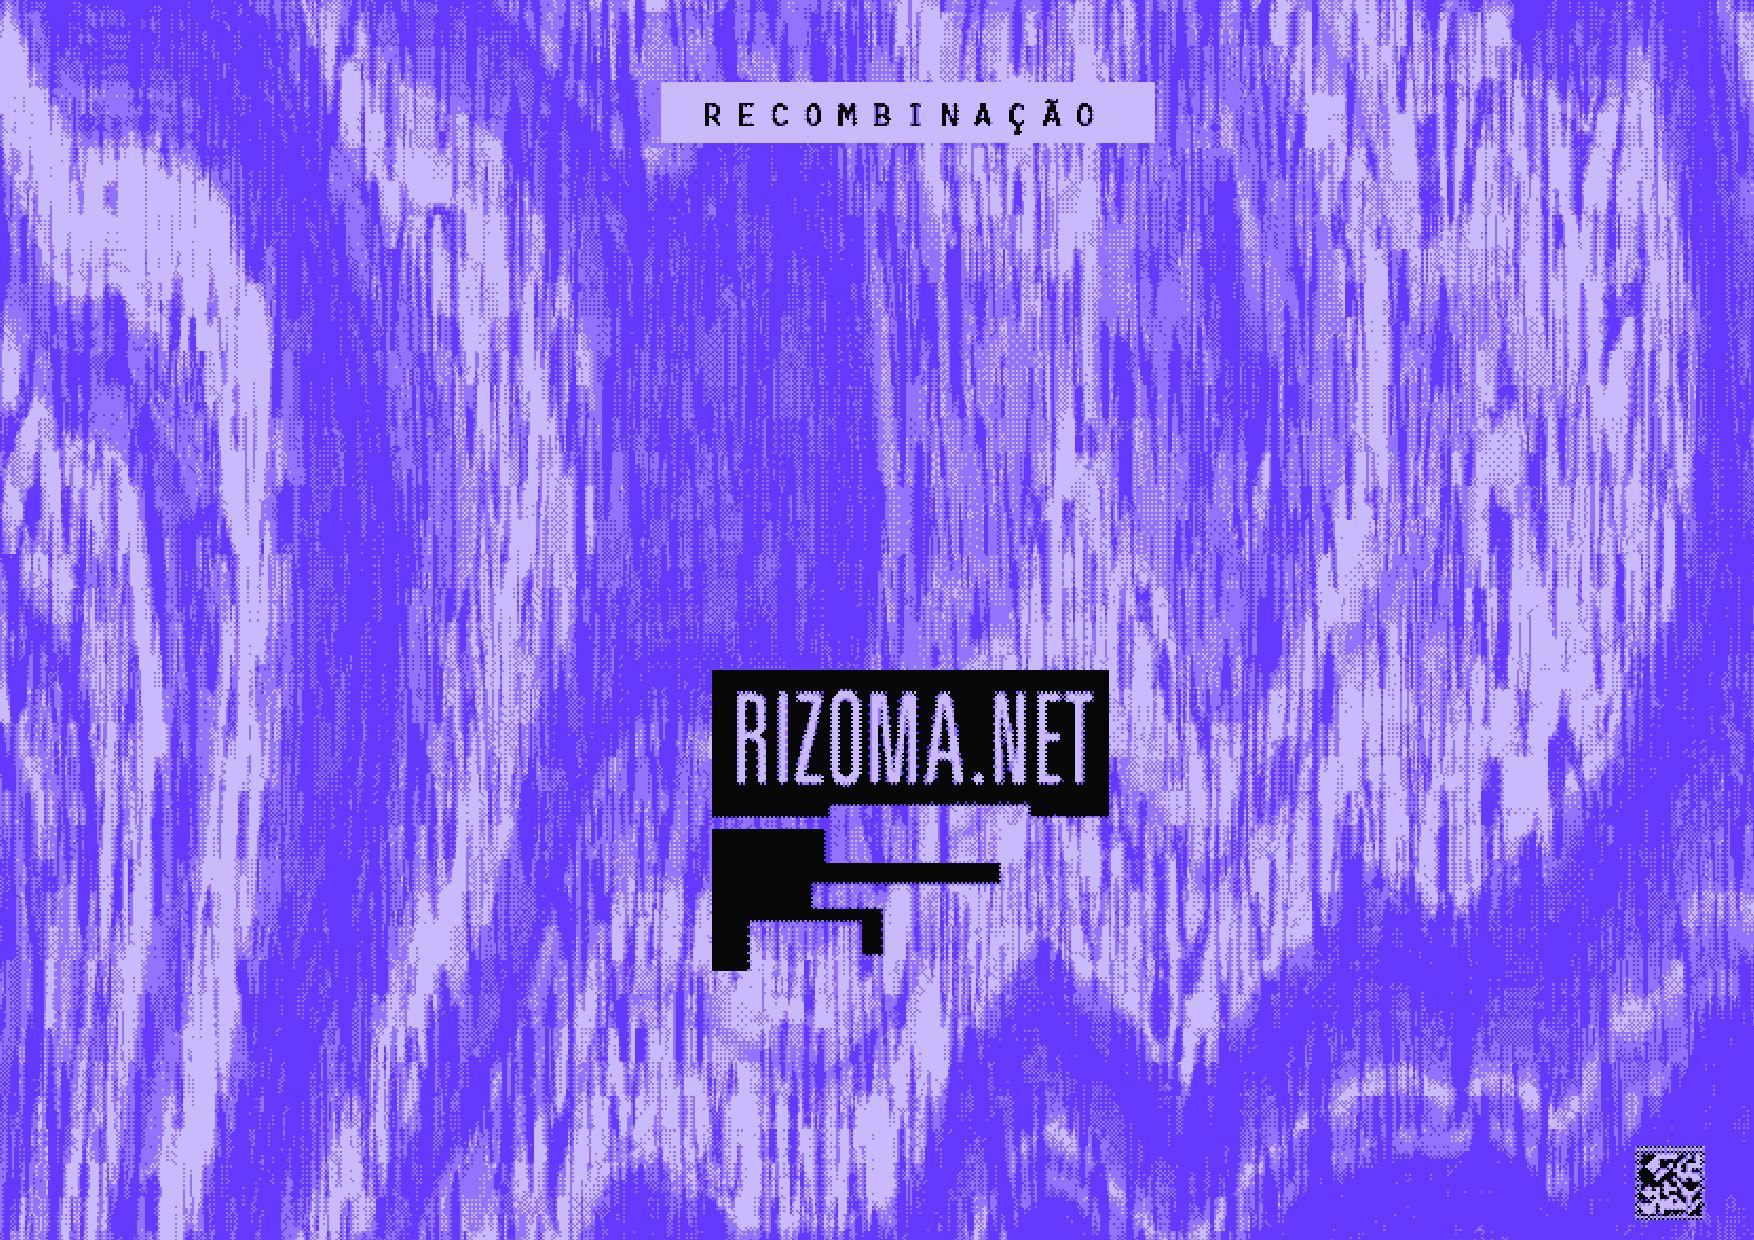 d5e810100ce Rizoma.net - Recombinação by Anonimos e Etc - issuu